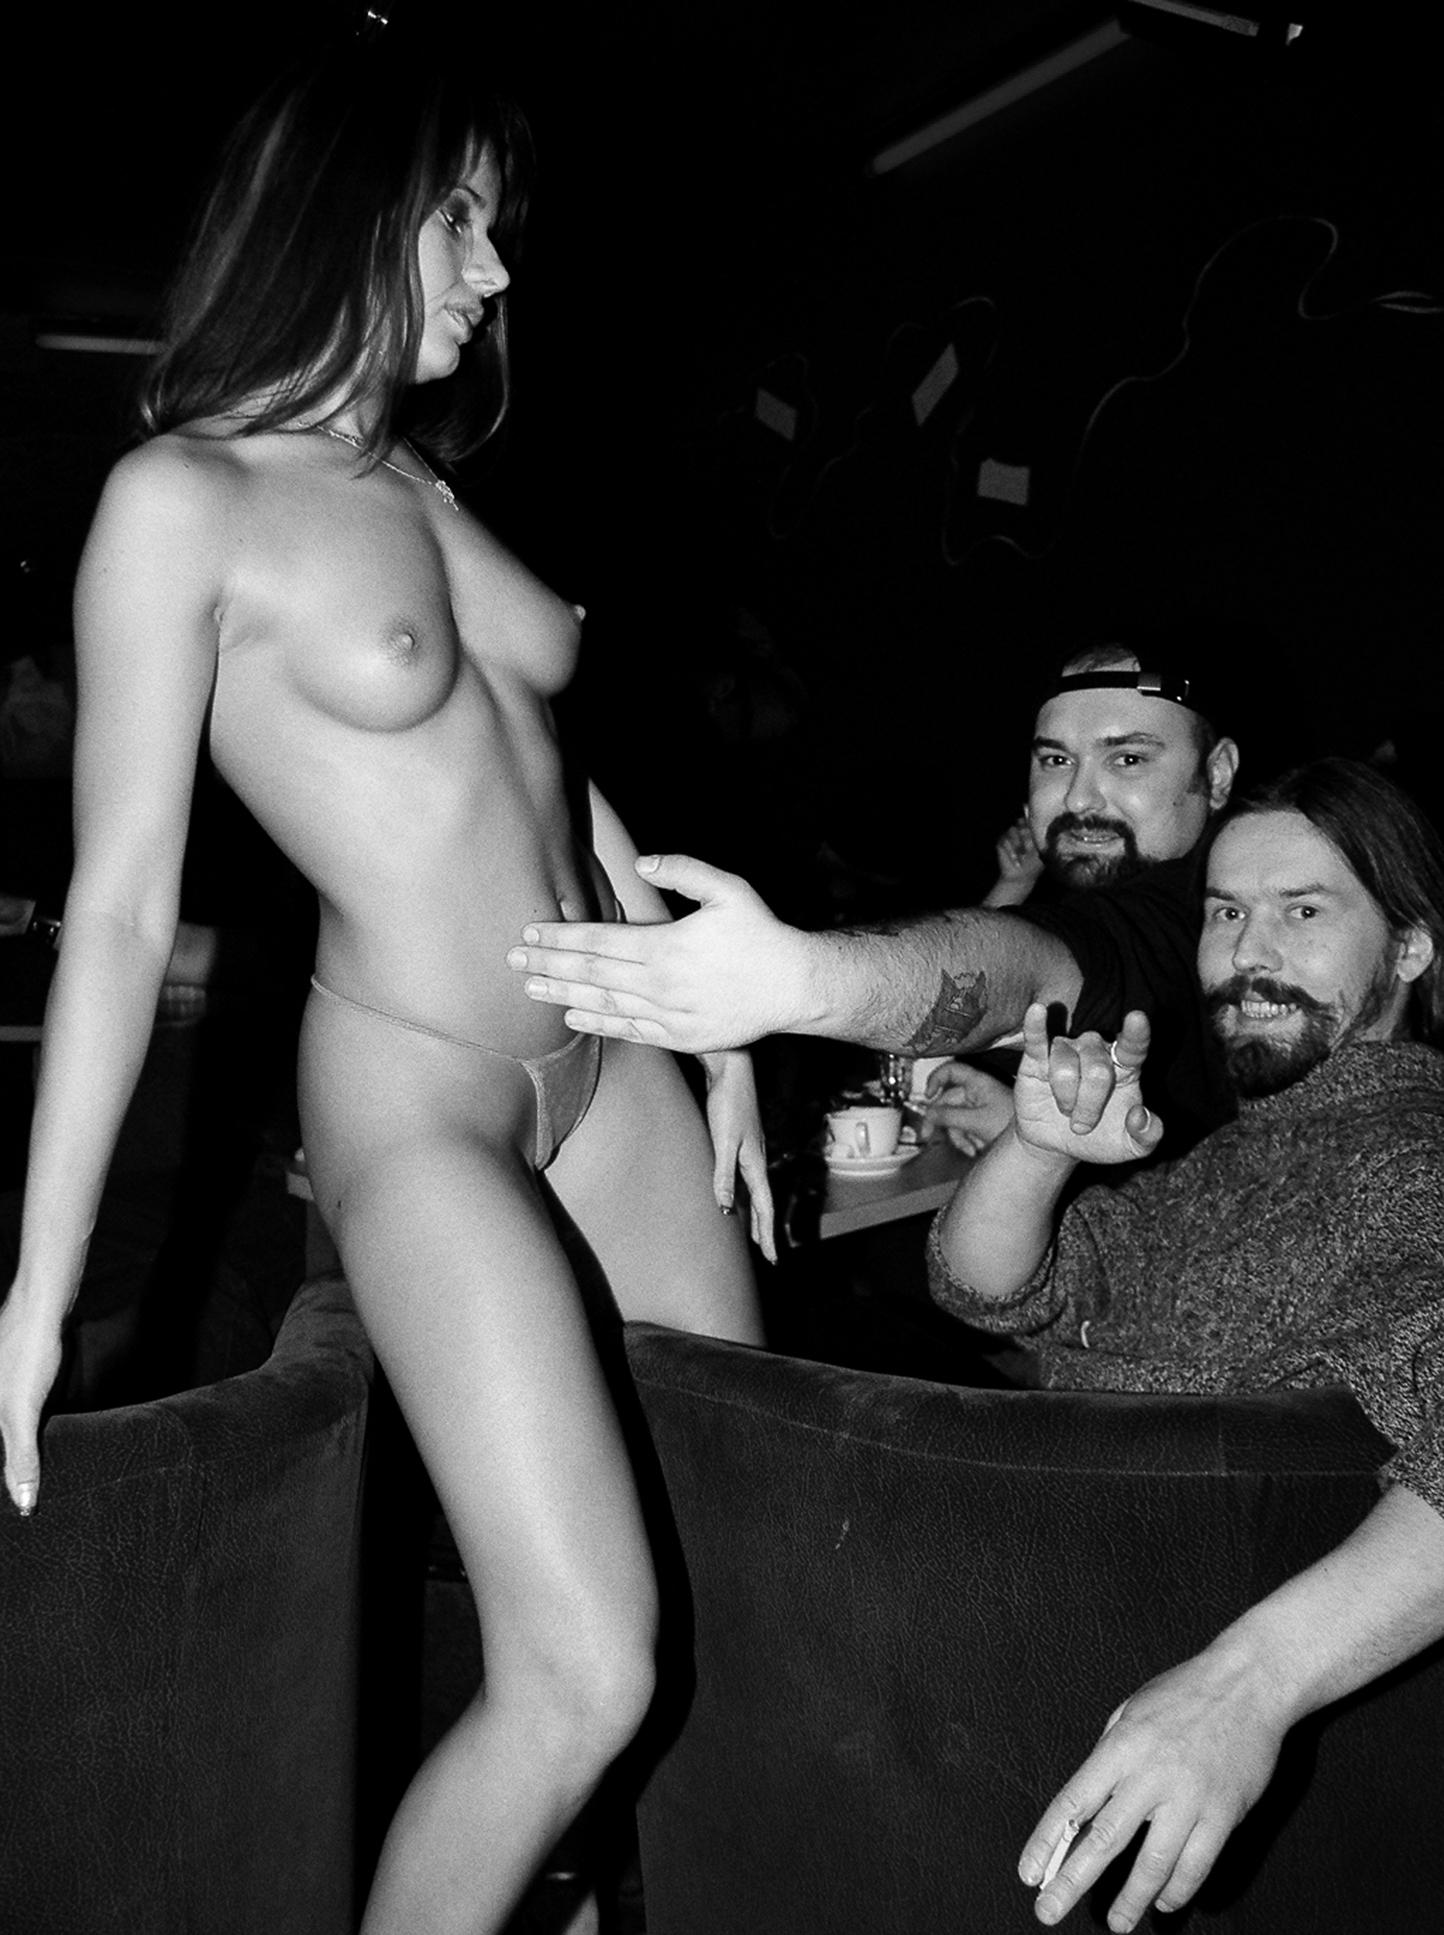 Фото голые девушки на концерте 23 фотография